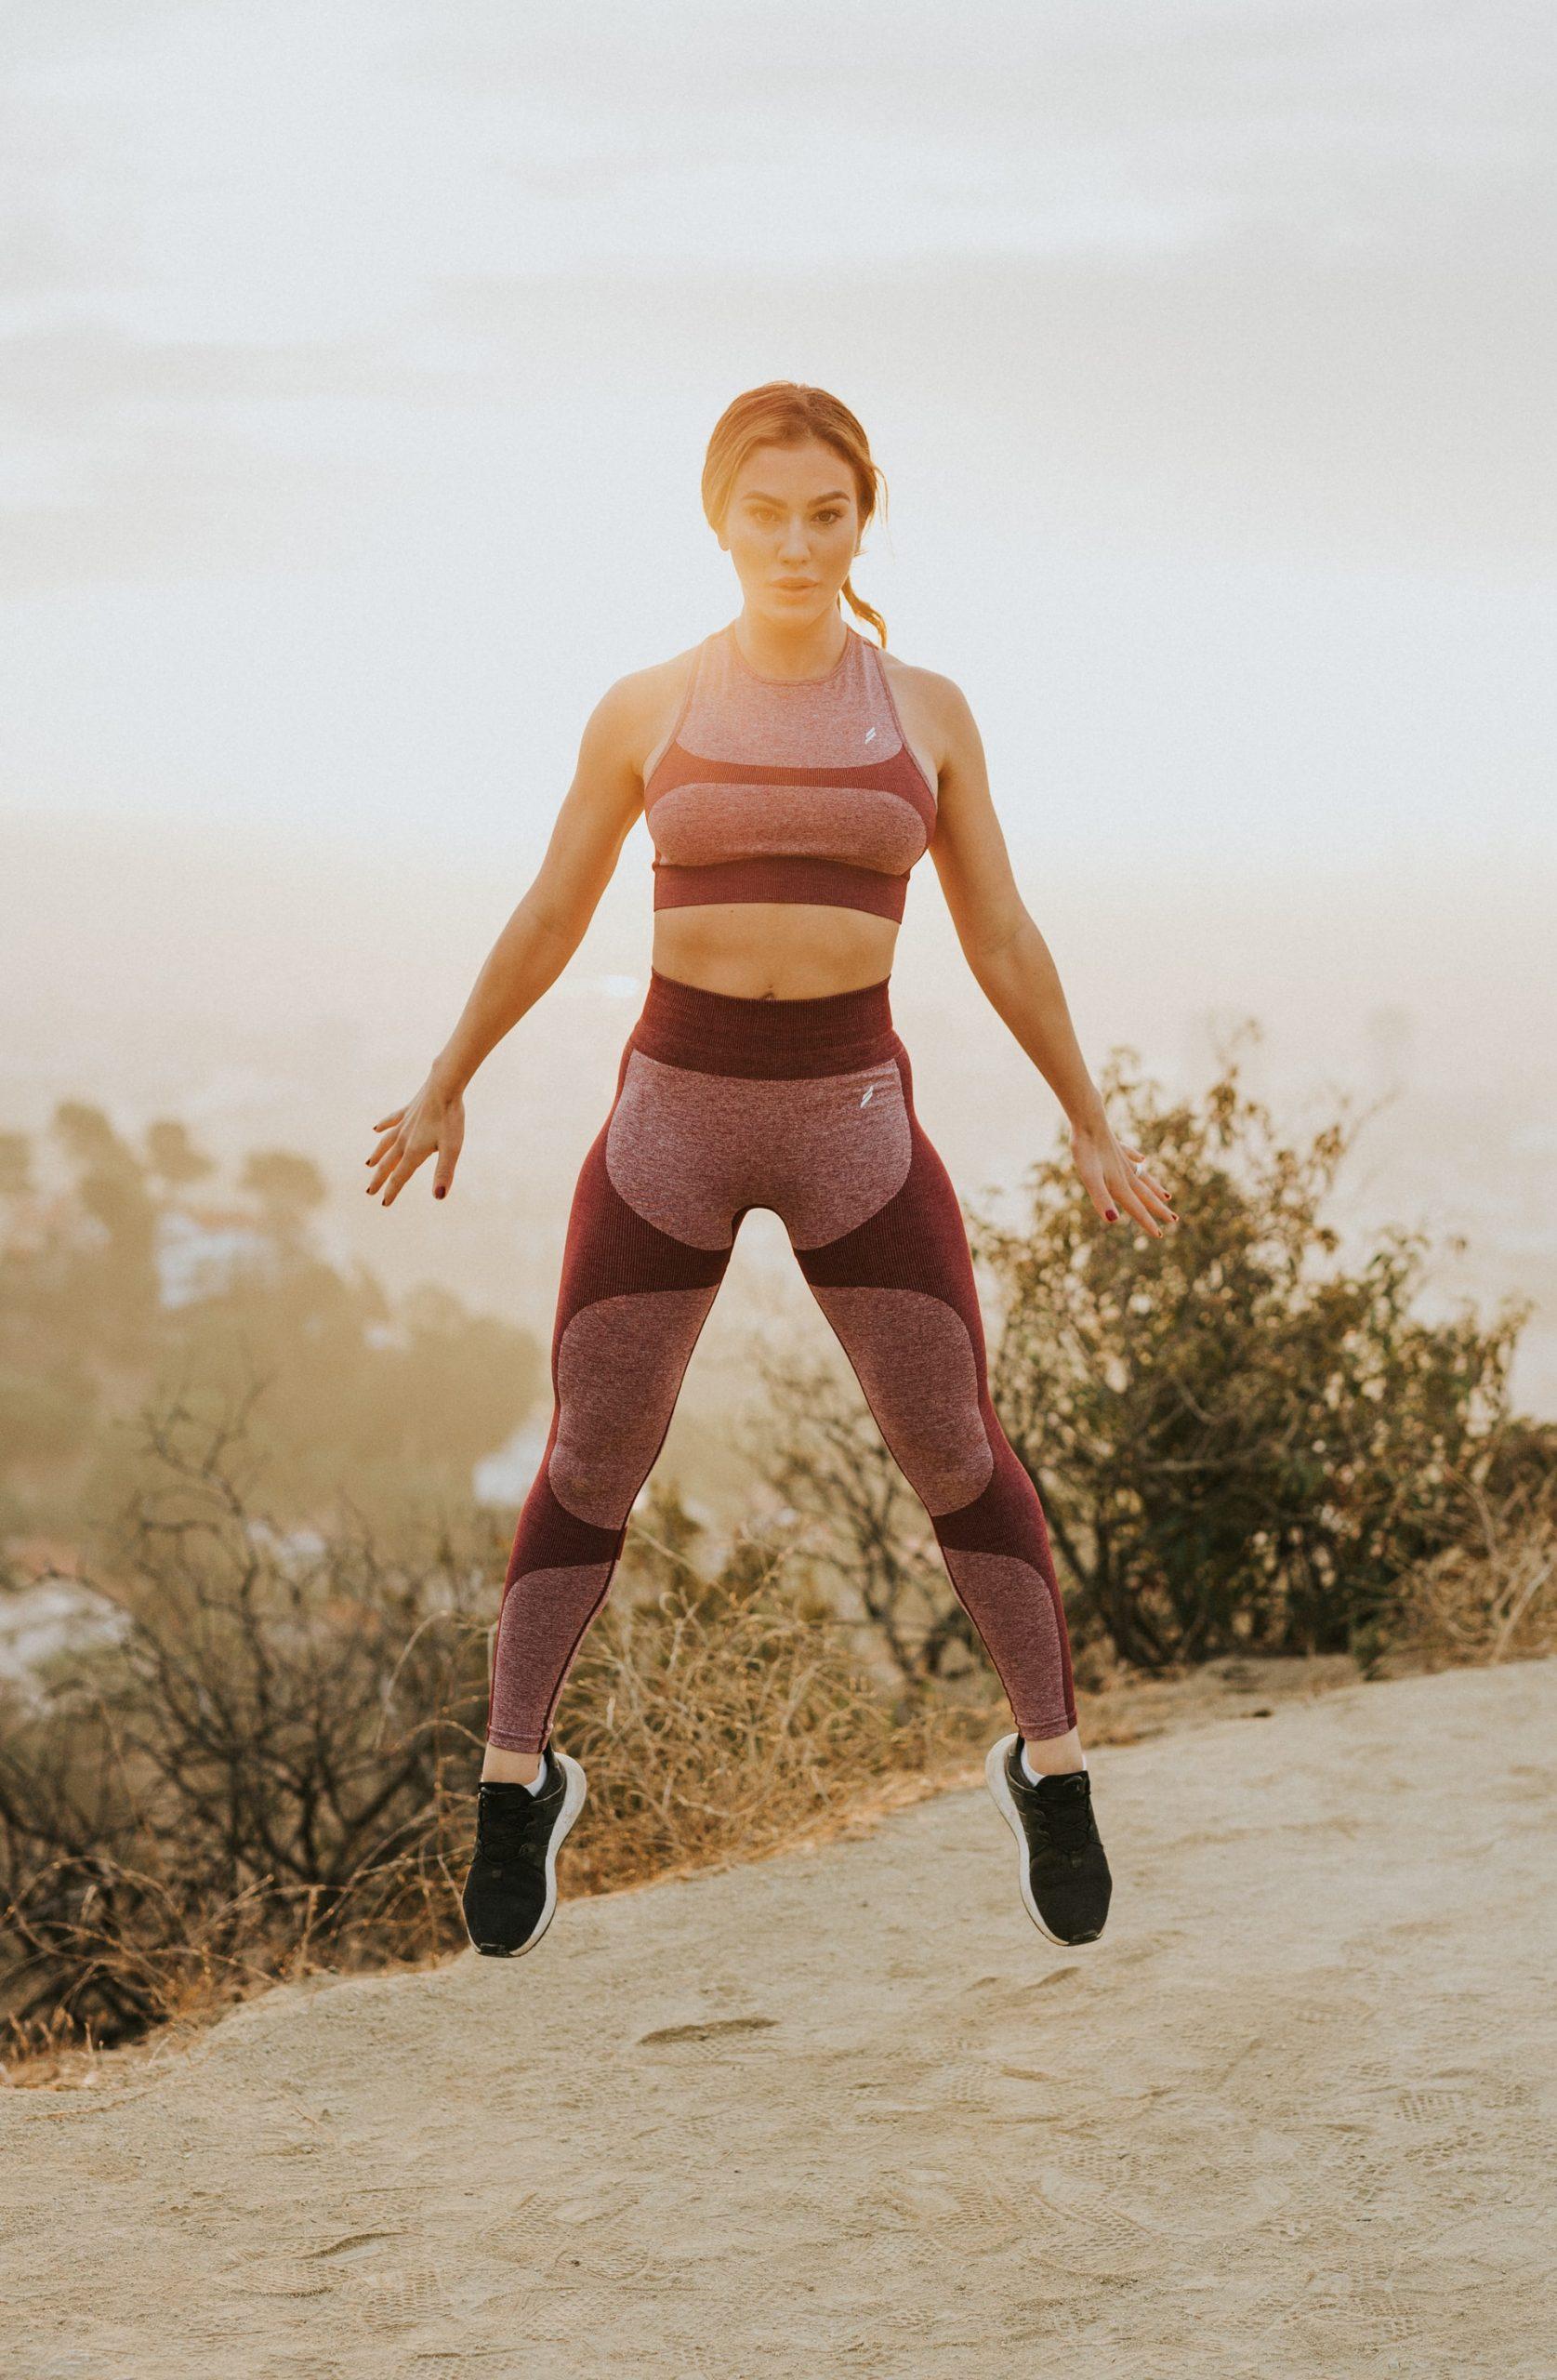 woman-sport-jump